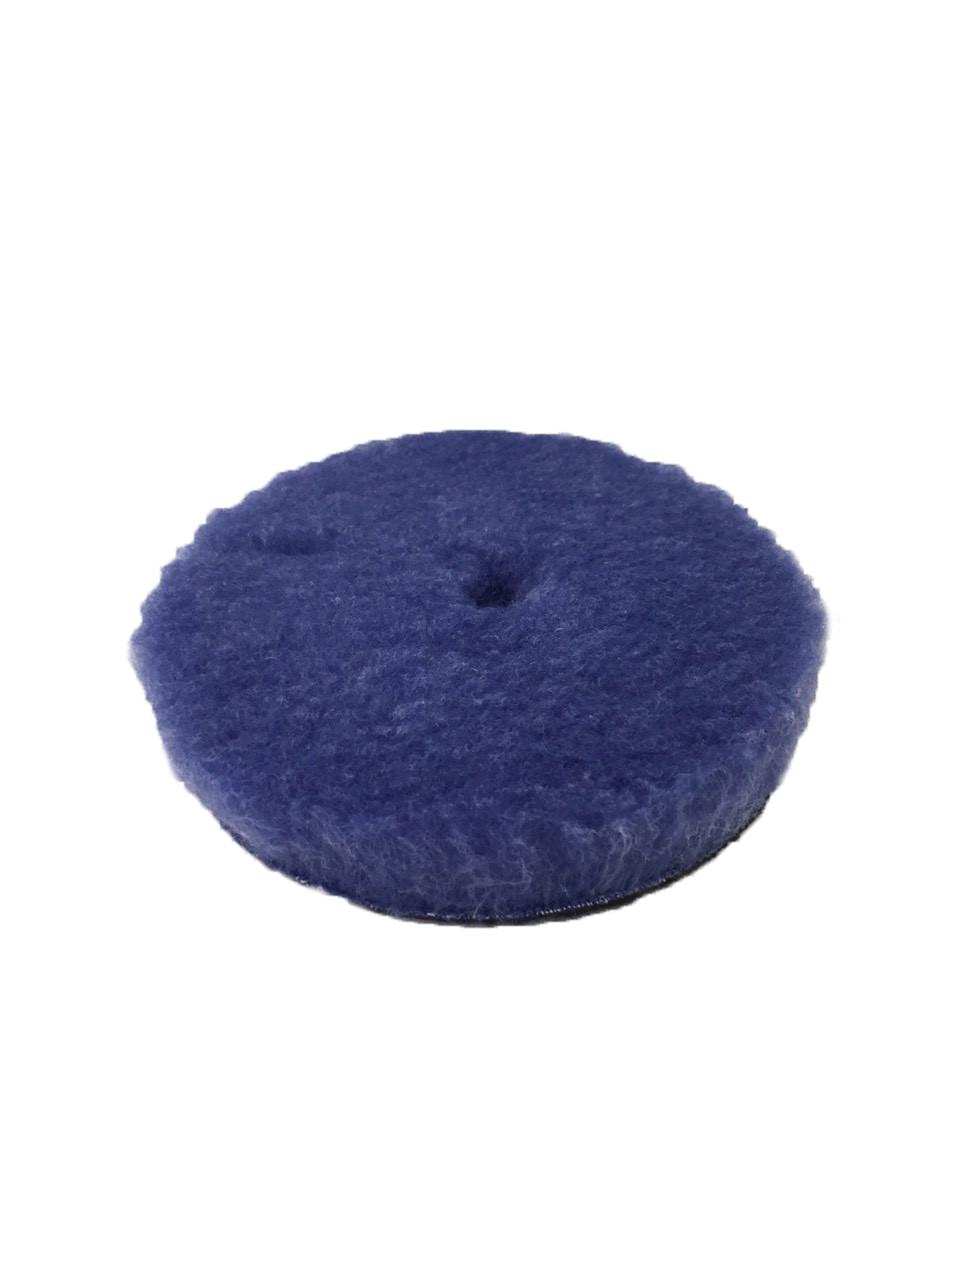 Полировальный круг гибридная шерсть - Lake Country Blue Hybrid Wool 125 мм. (HYB-133)